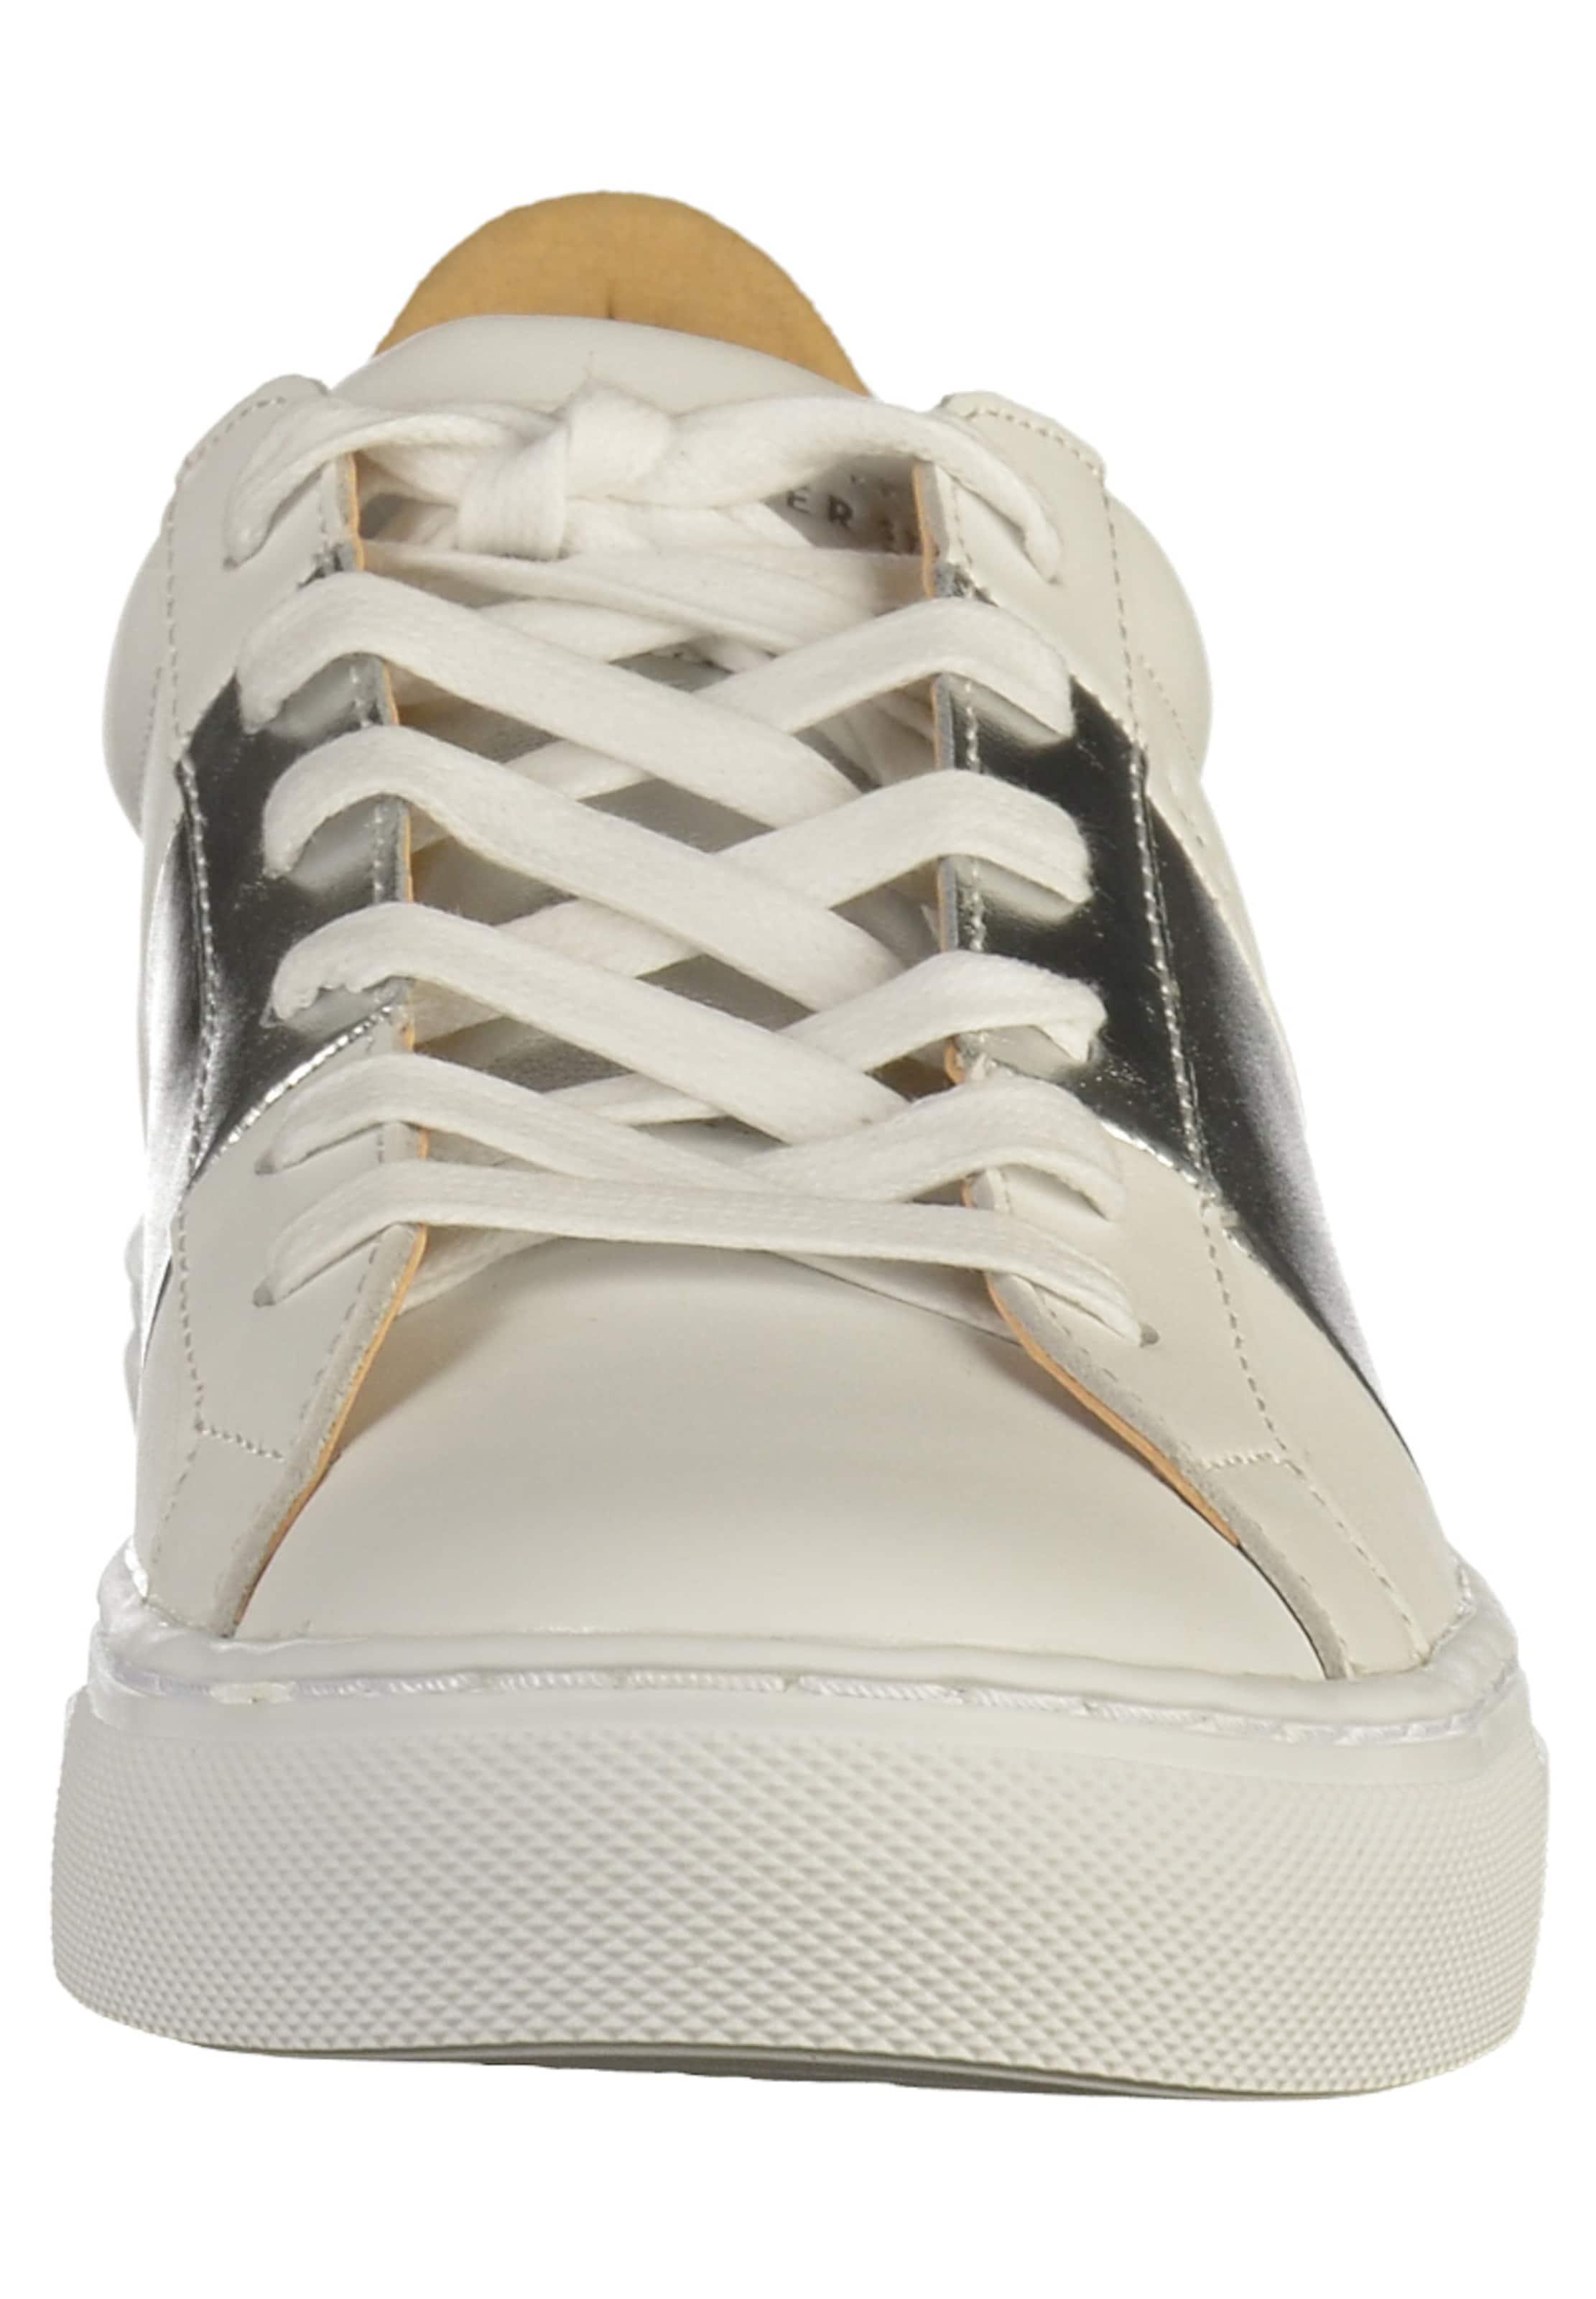 Manchester Großen Verkauf Verkauf Online SKECHERS Sneaker Billig Neueste EEIoTa1